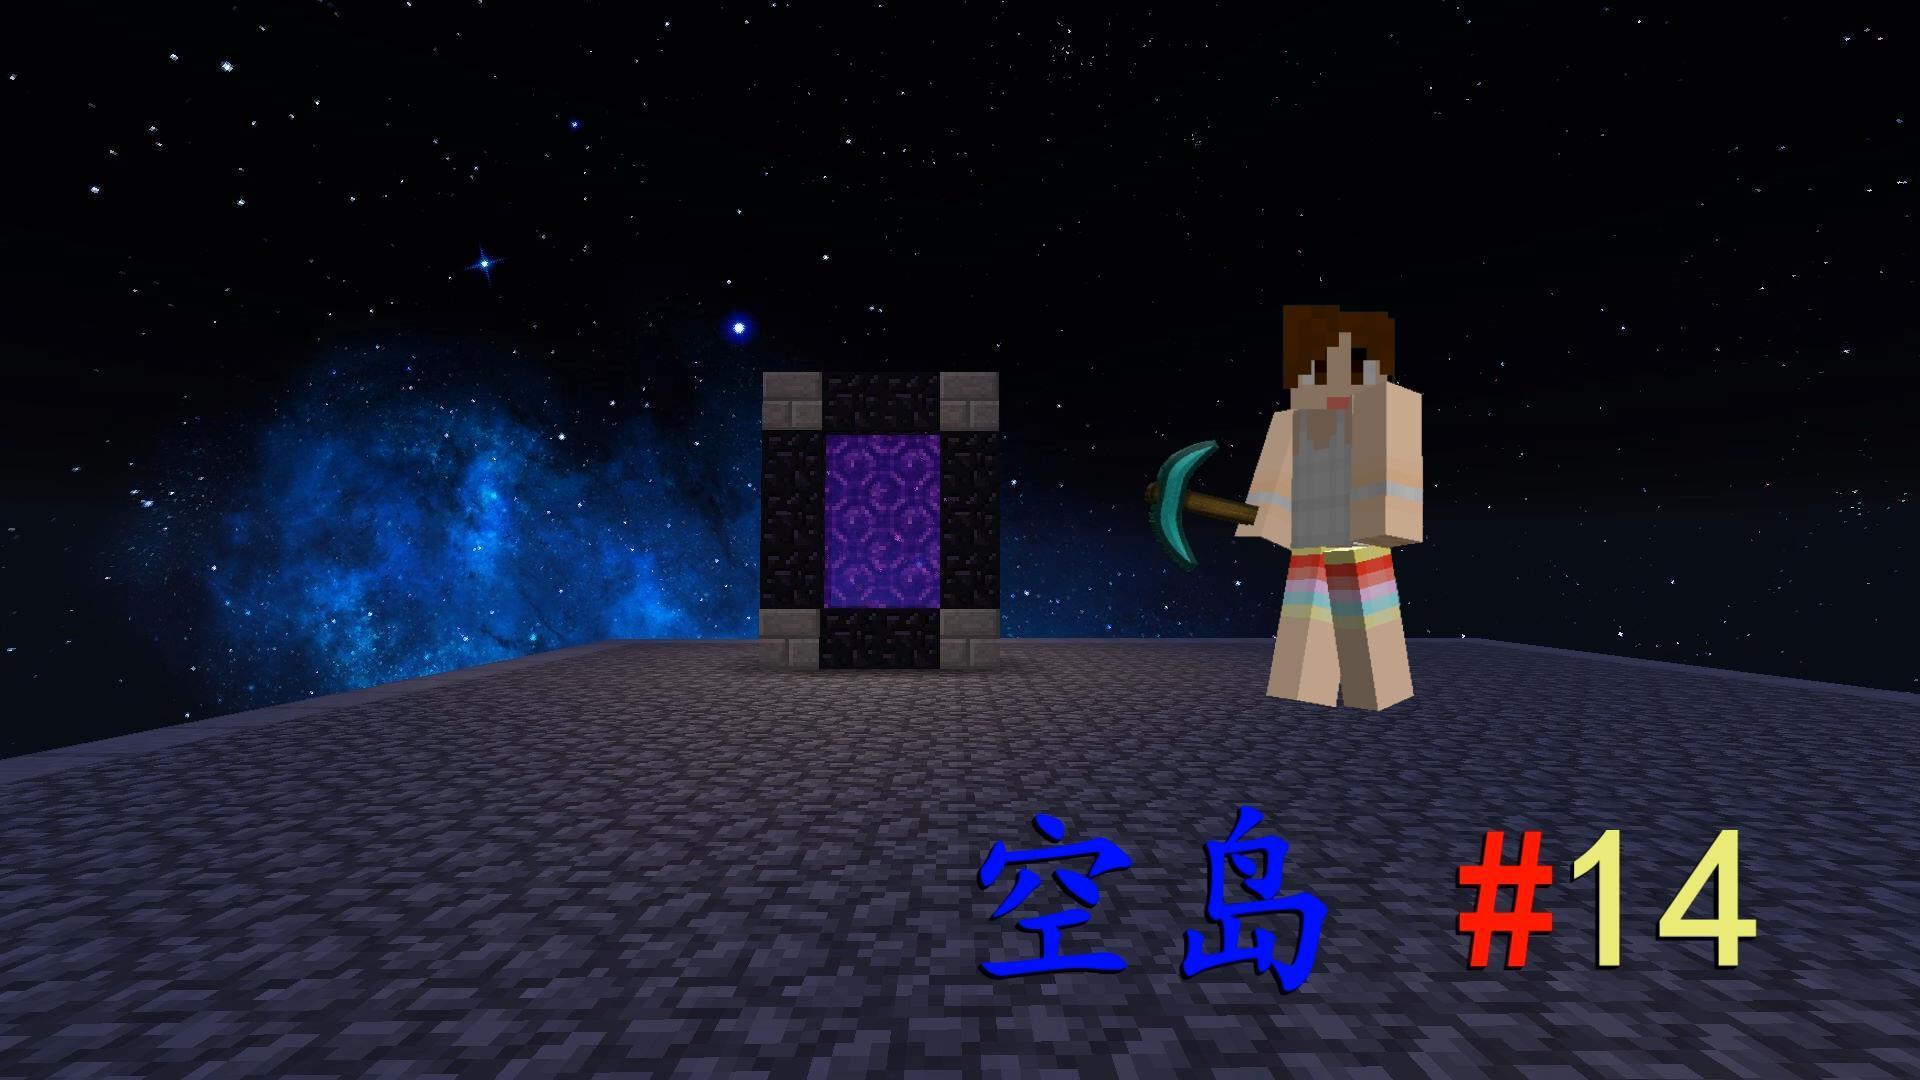 明月庄主我的世界1.10师徒空岛生存ep14探访冥界minecraft